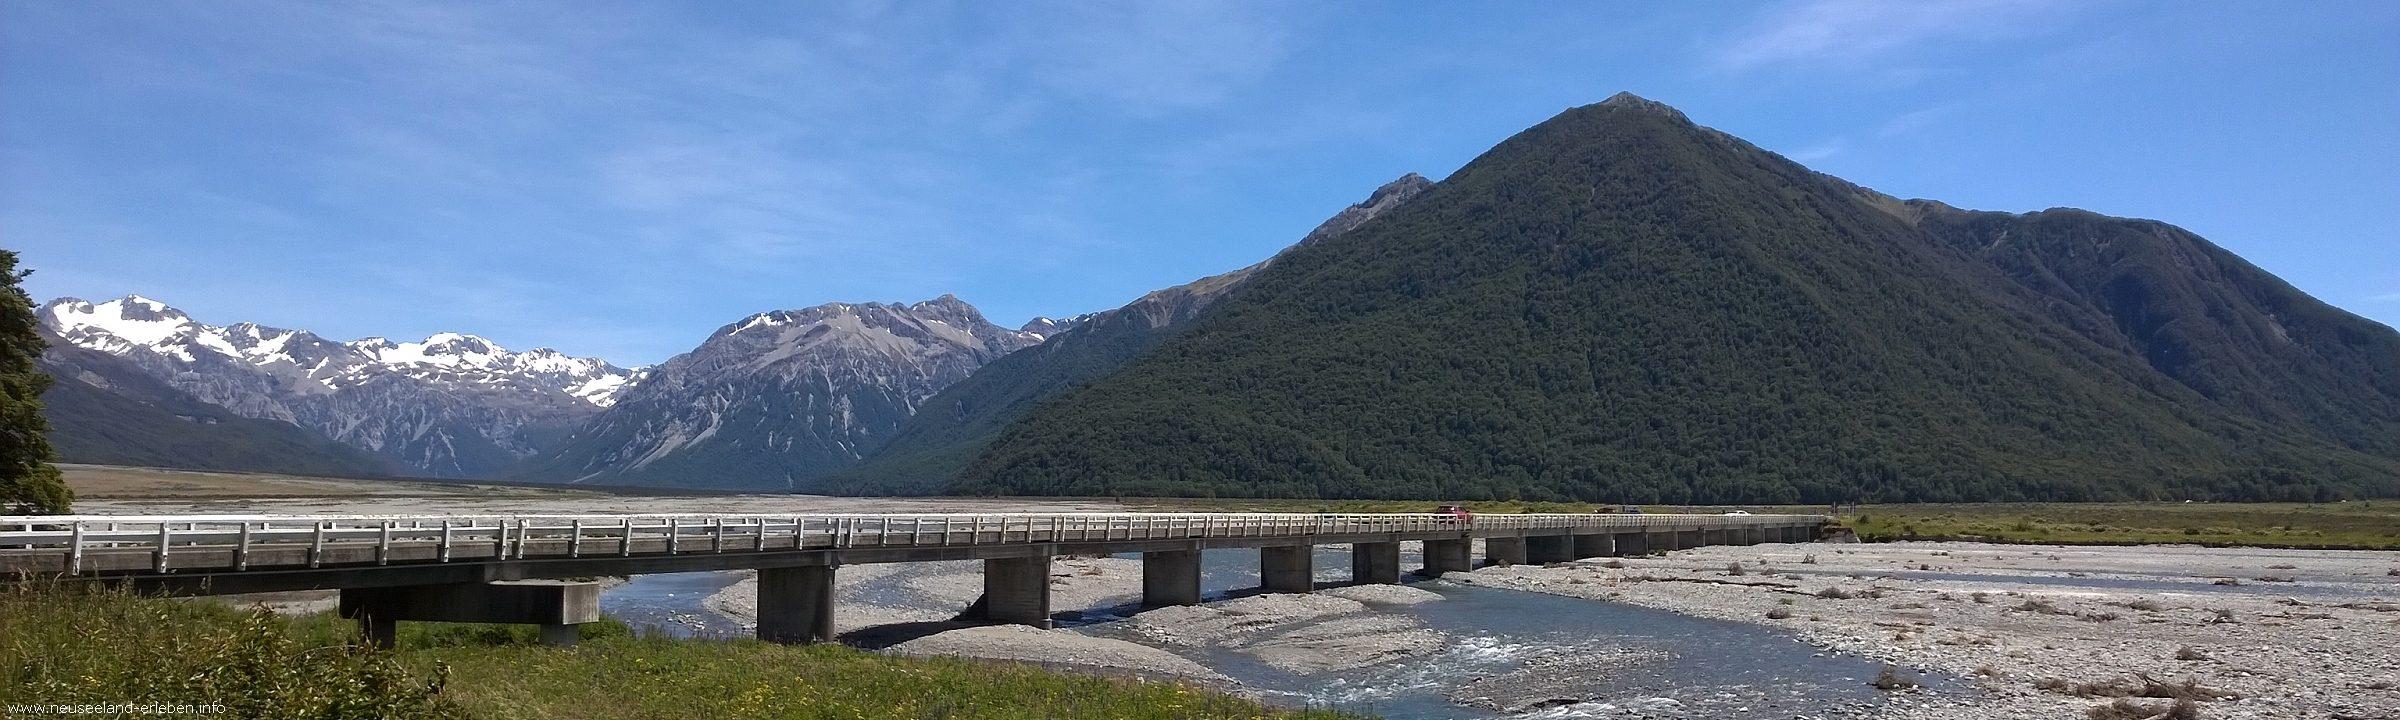 One Lane Bridge am Zusammenfluss des Waimakariri und Bealey River